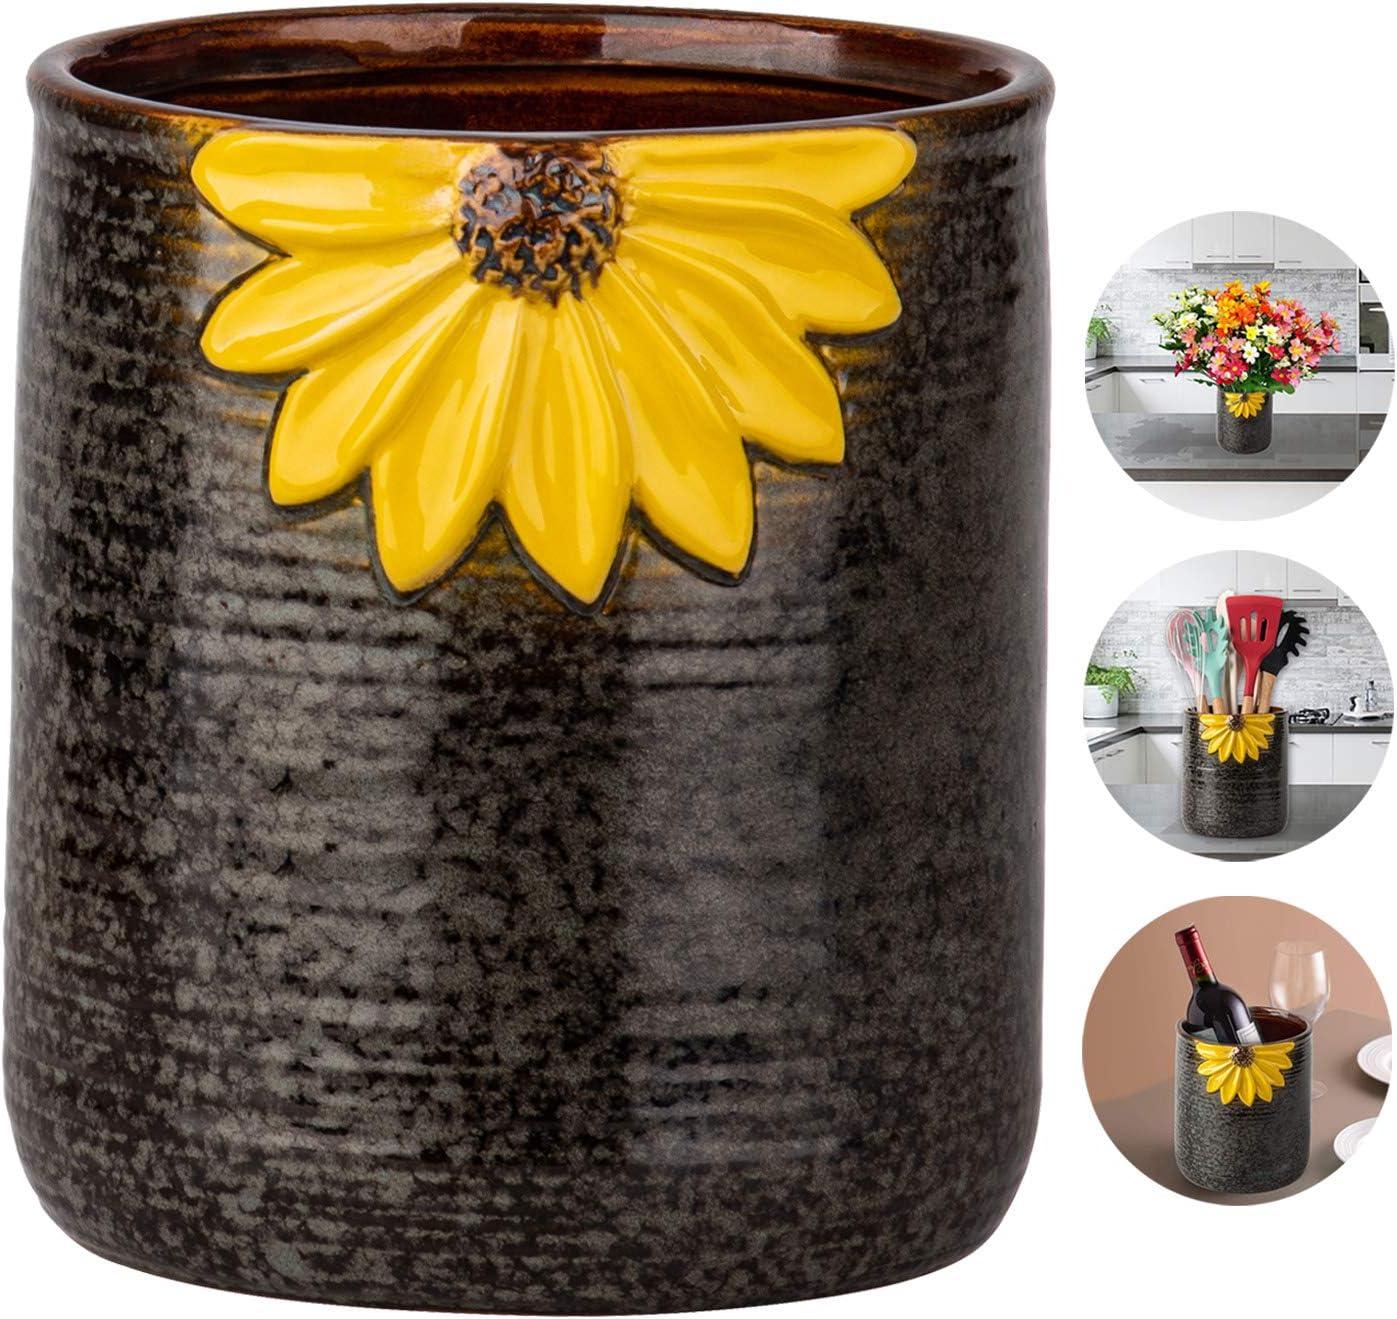 Utensil Crock, Kitchen Utensil Holder, Ceramic Utensil Holder for Countertop, Cooking Utensil Holder for Kitchen Sunflower Decor Large Kitchen Spatula Holder